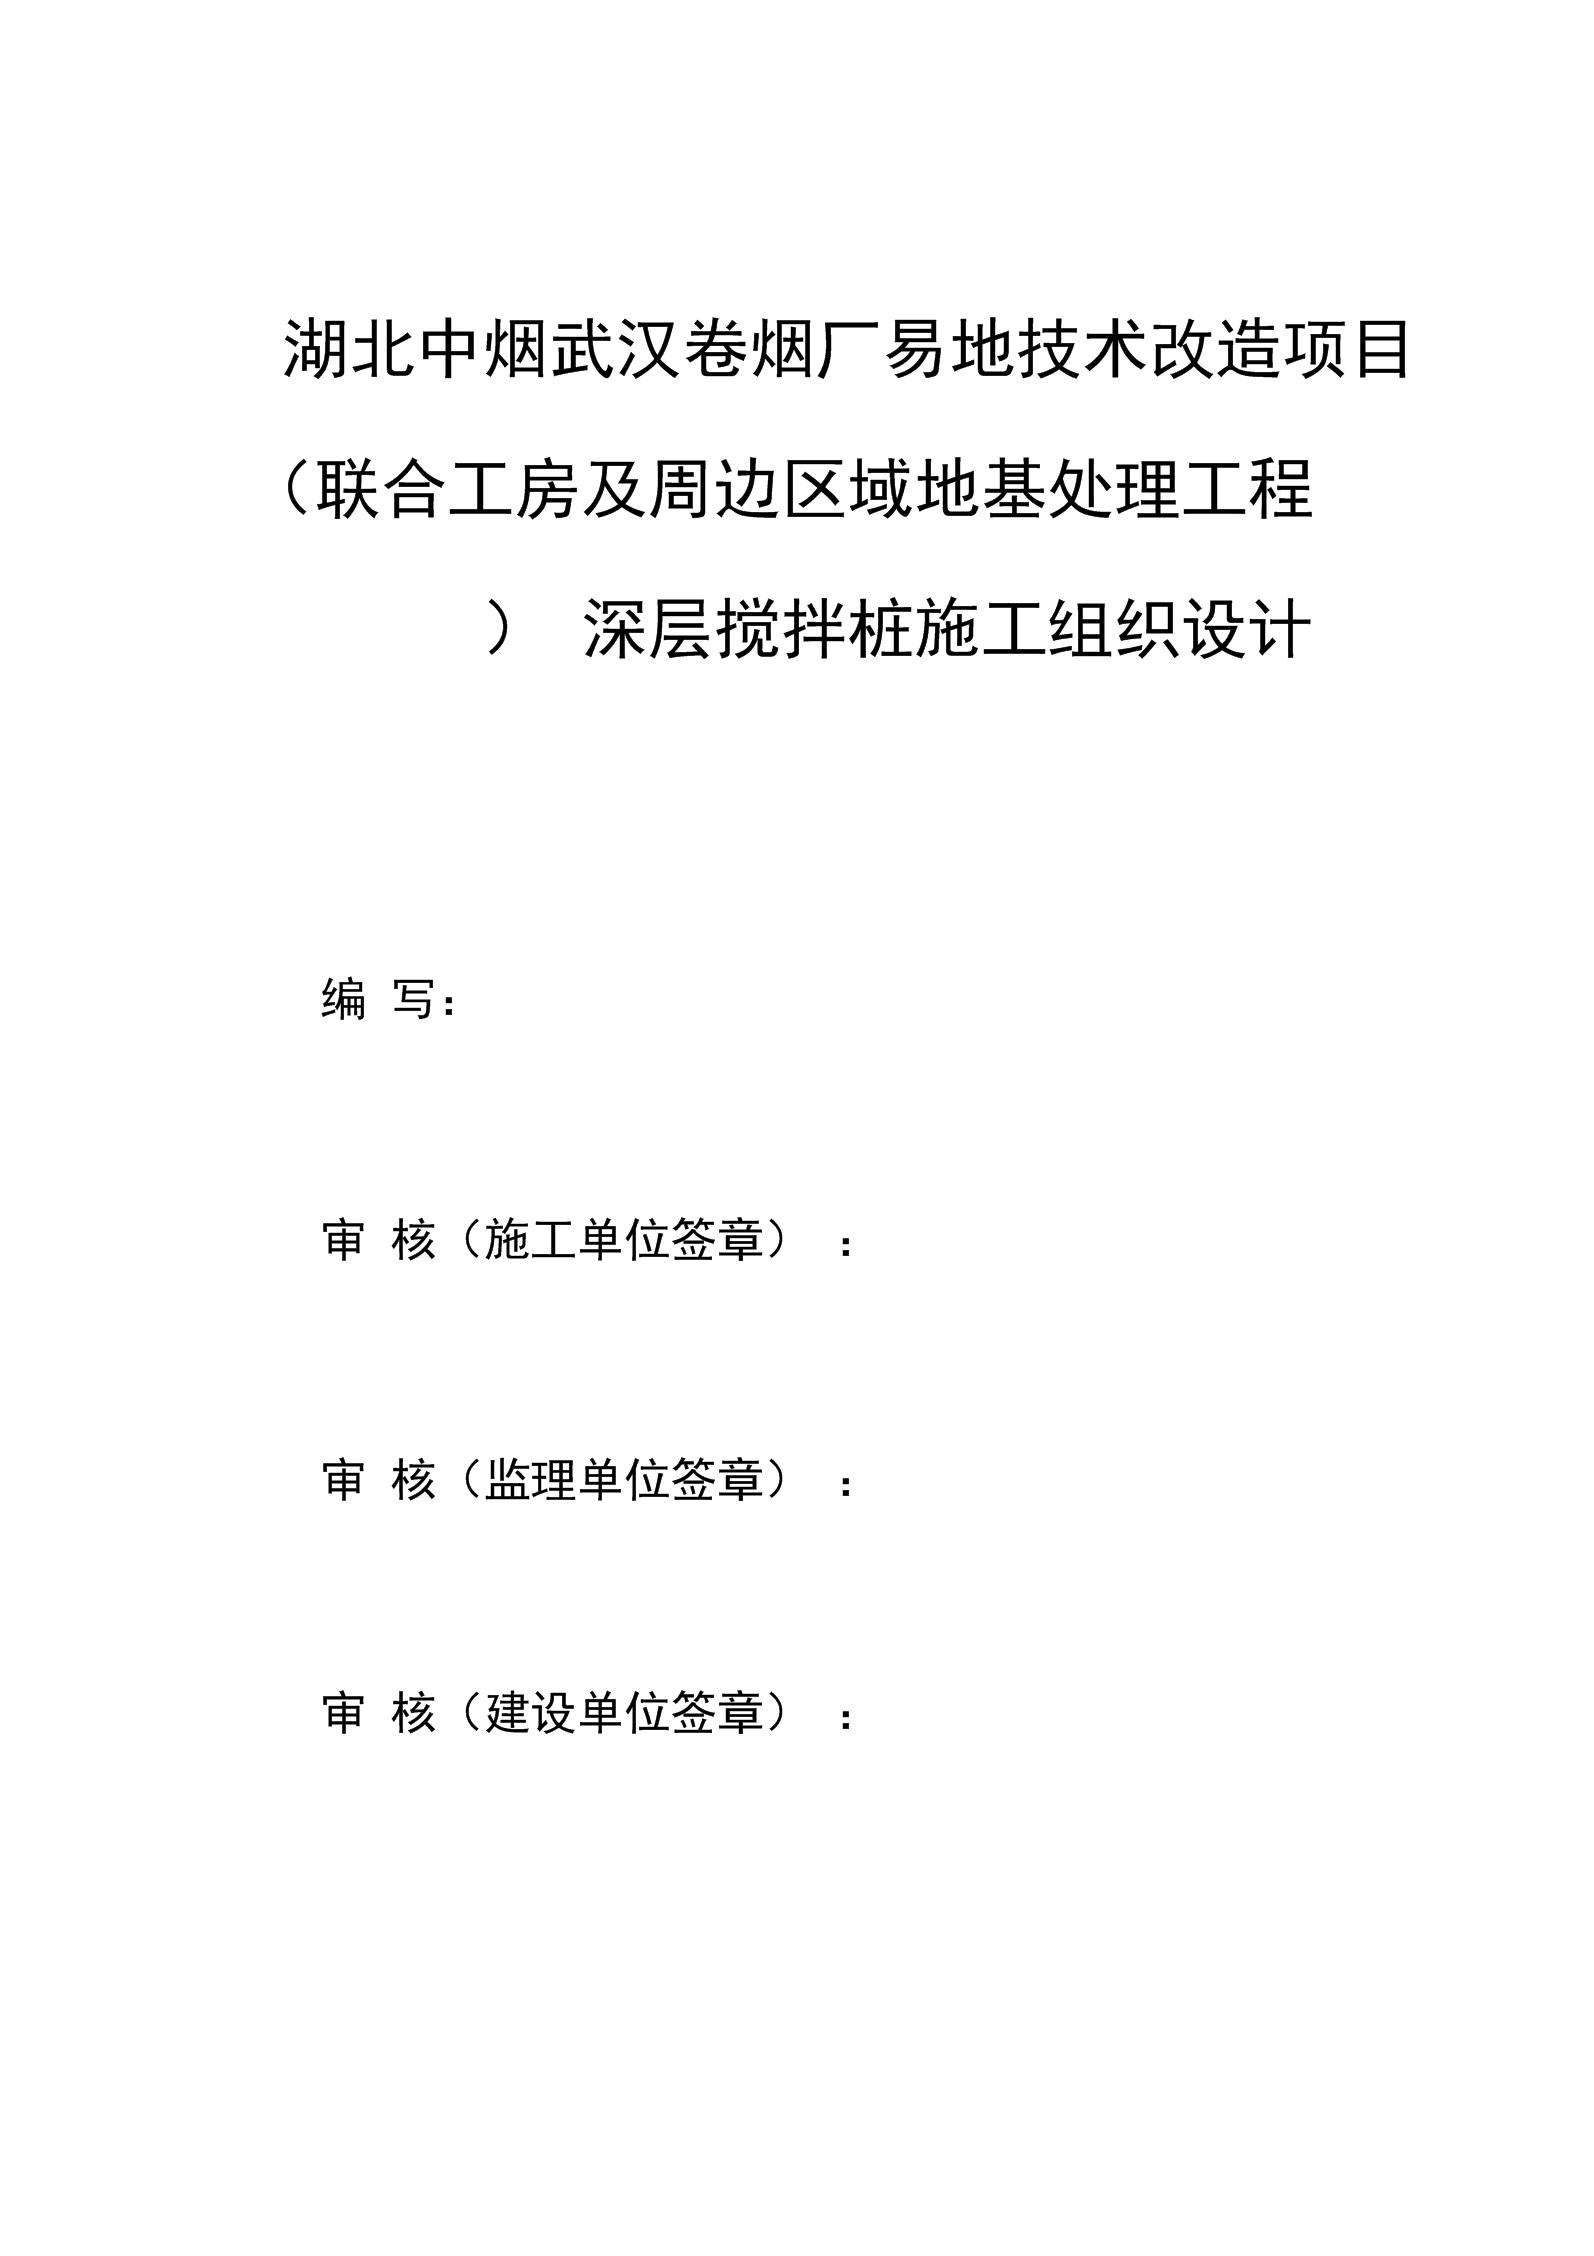 [湖北]工业厂房地基处理施工方案(水泥土搅拌桩).docx